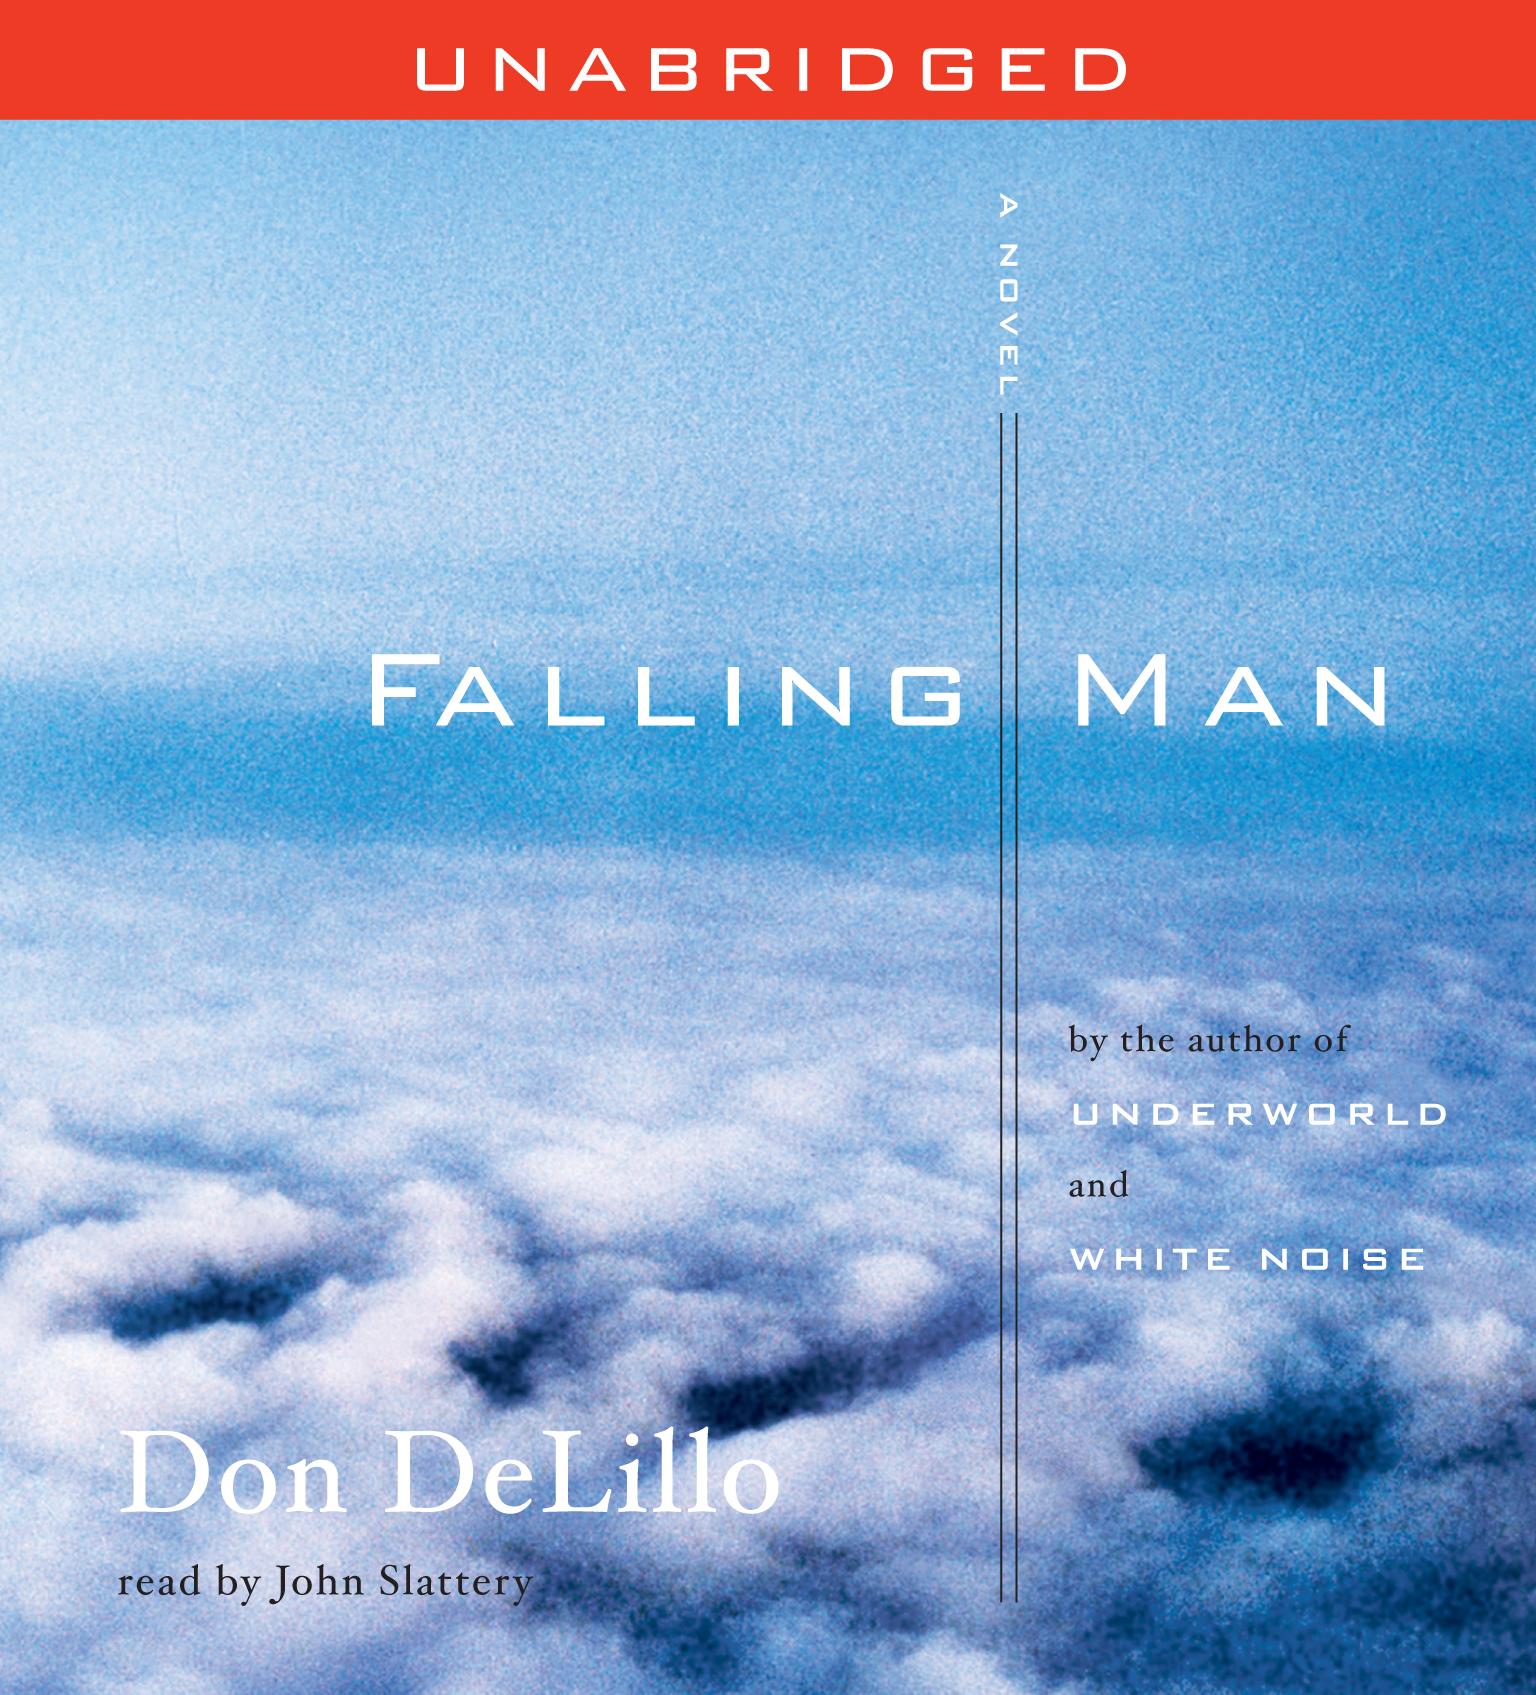 Falling man 9780743567190 hr